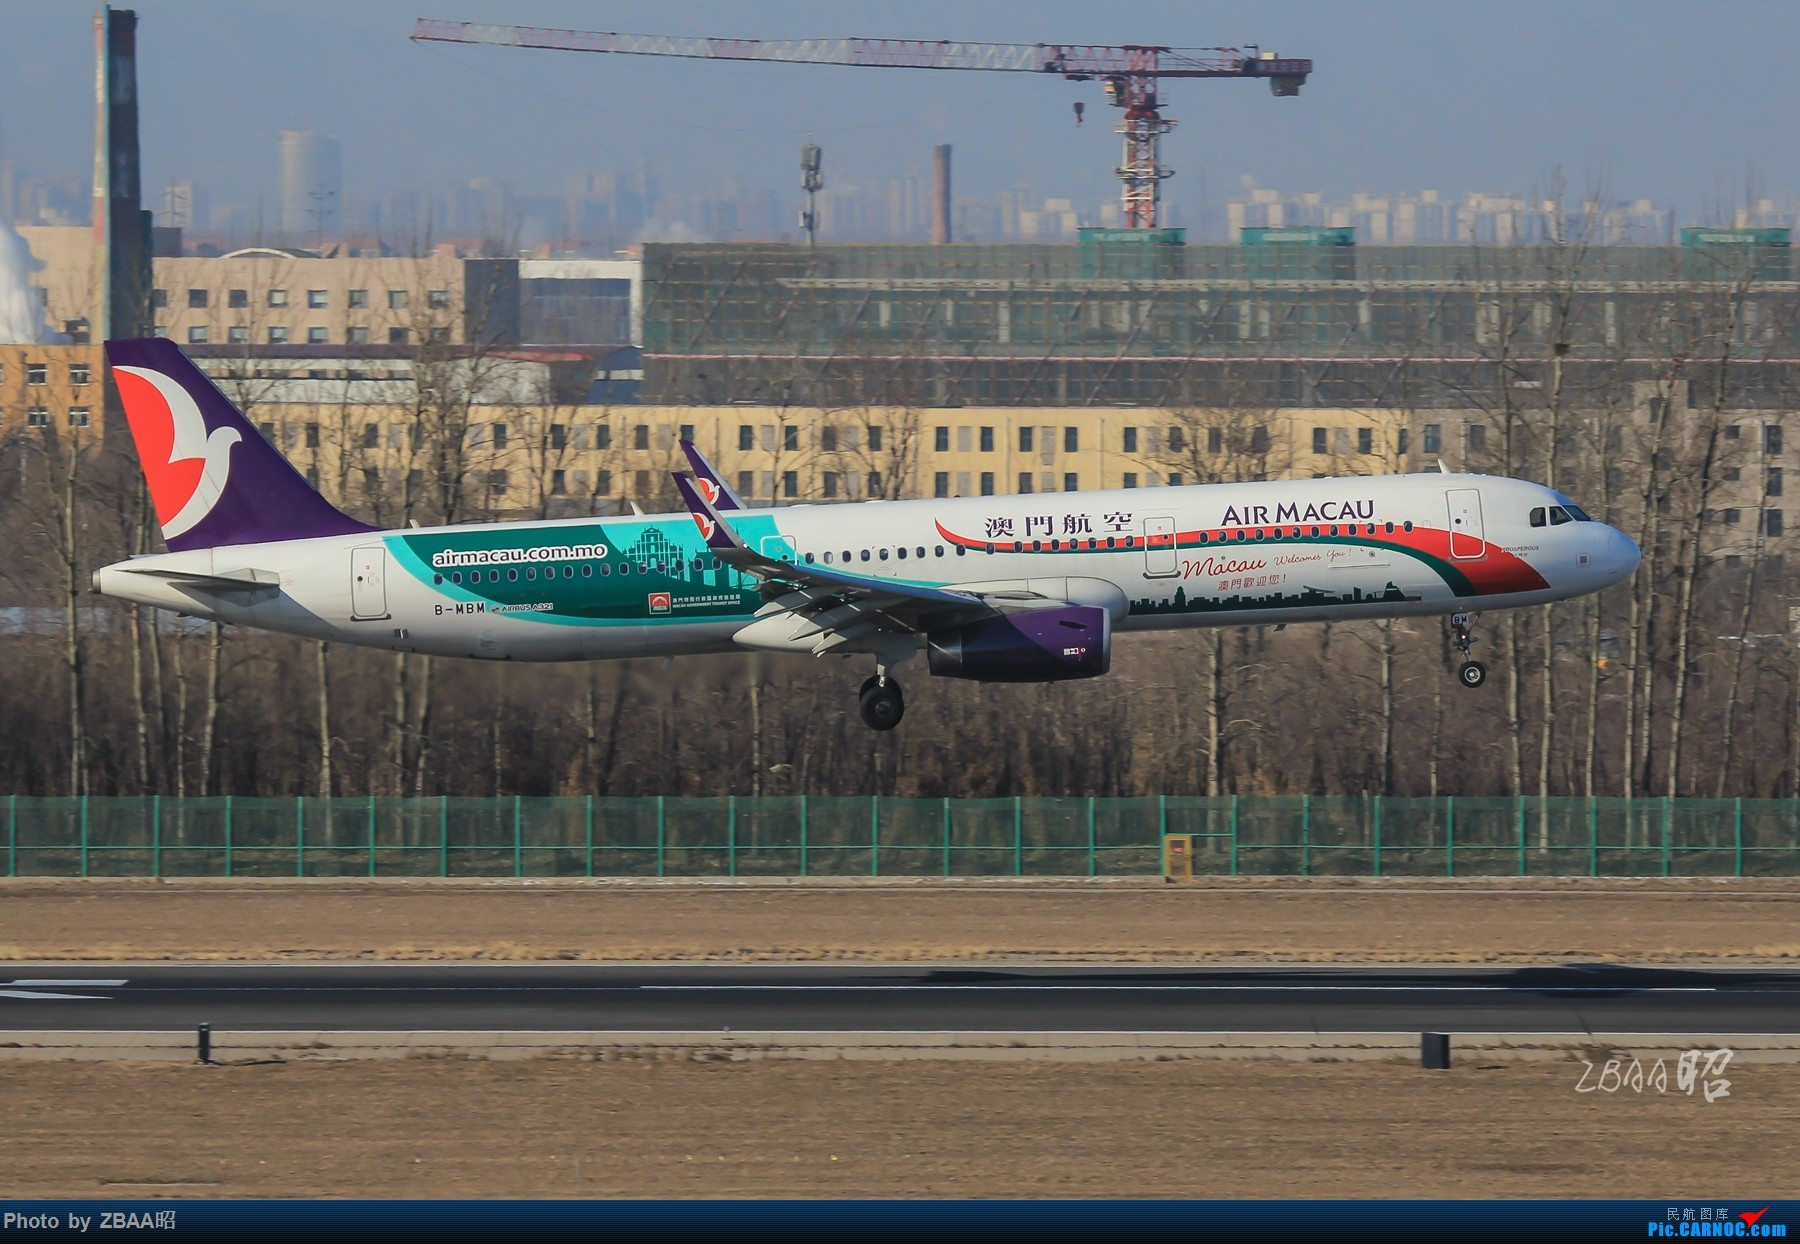 Re:[原创]飞友聚会后的独自疯狂,格林豪泰隔天怒打ZBAA 36L跑道,夜拍海航宽体机,寒风中坚守楼顶阵地 AIRBUS A321-200 B-MBM 中国北京首都国际机场